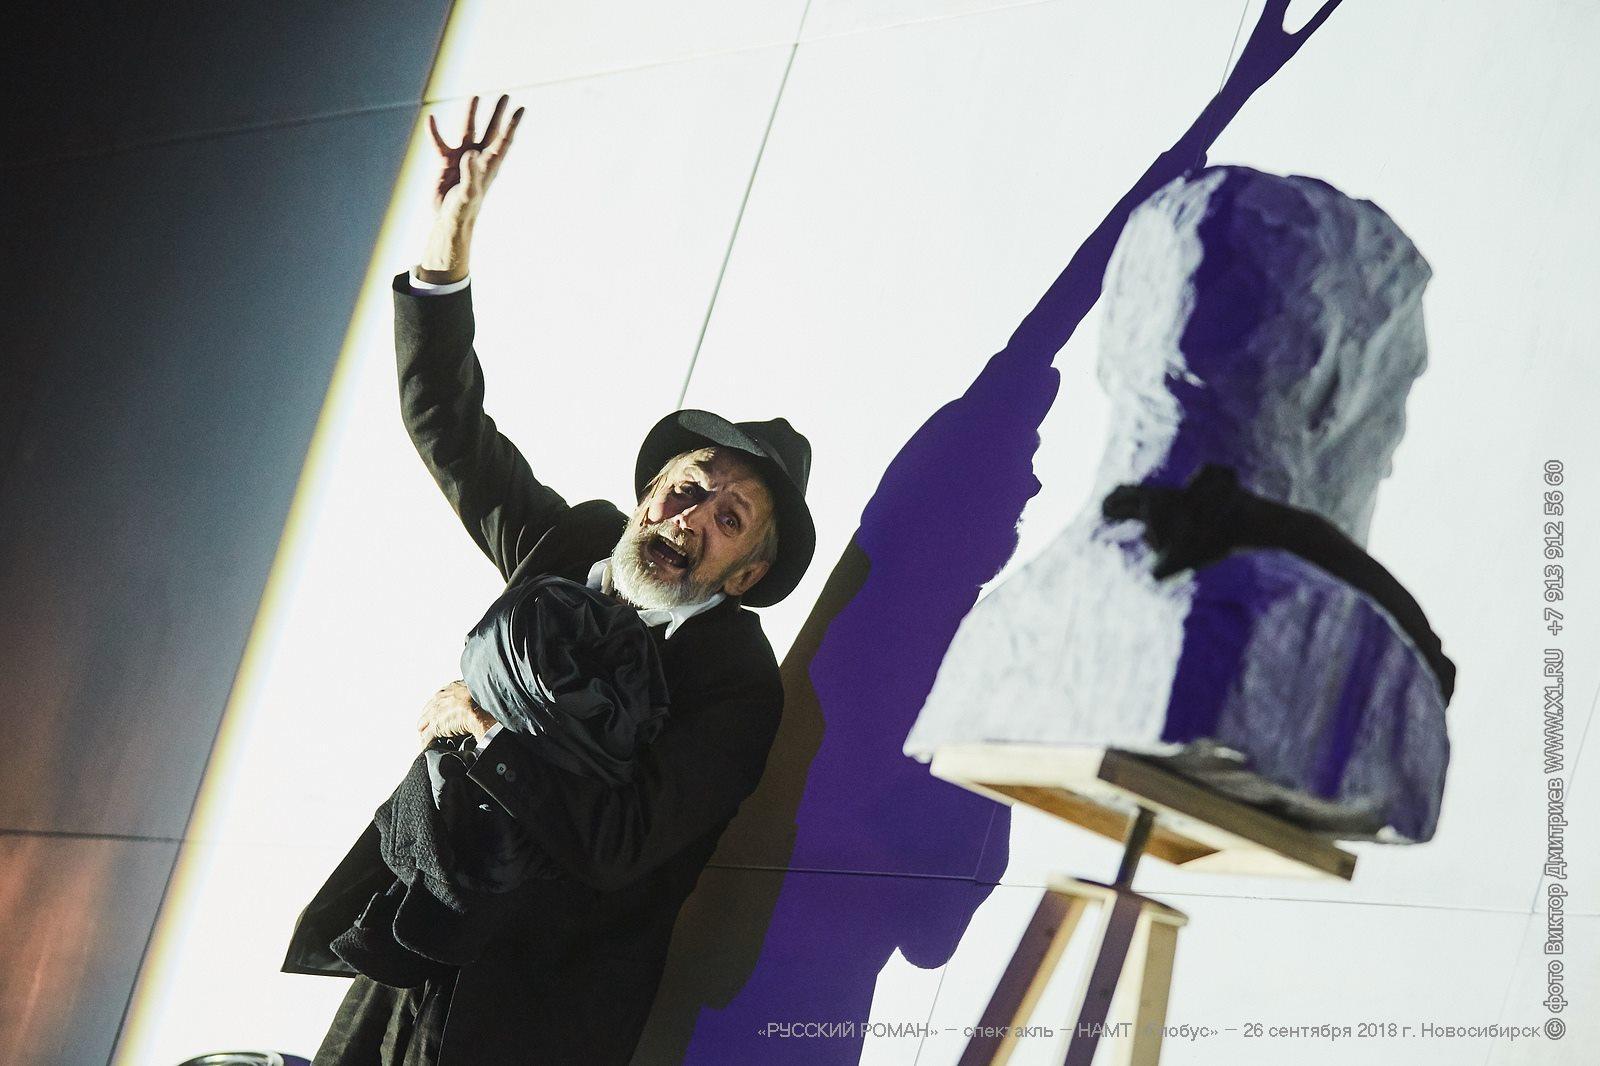 Фото «Не стало целого мира»: история игры и жизни ушедшего от нас новосибирского актёра Лаврентия Сорокина 13